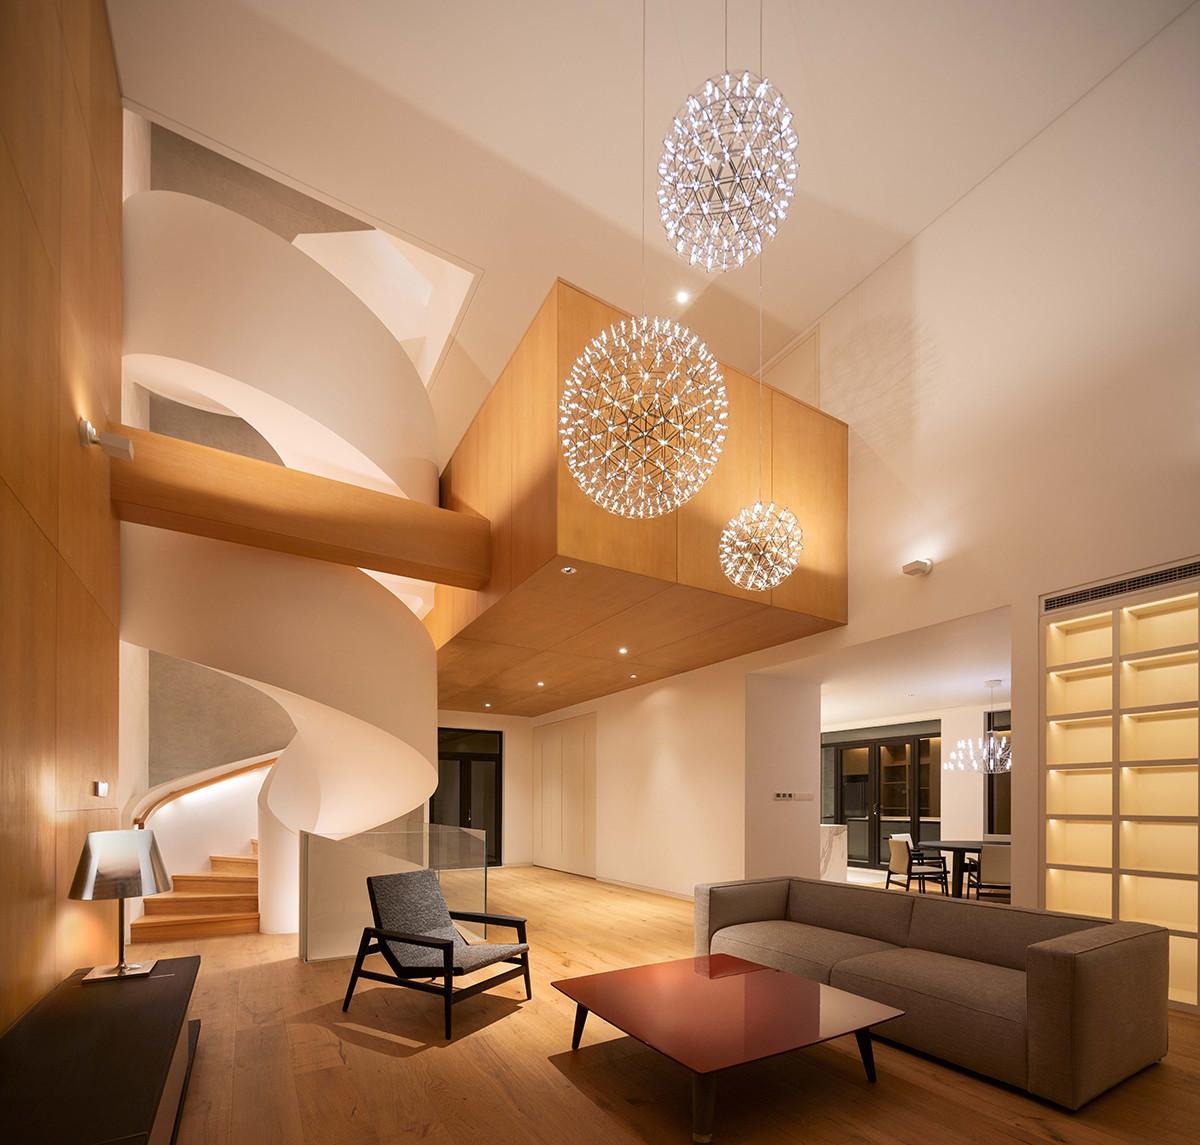 象徴的なスパイラルを中心に配置した大型別荘のリノベーションの建築事例写真